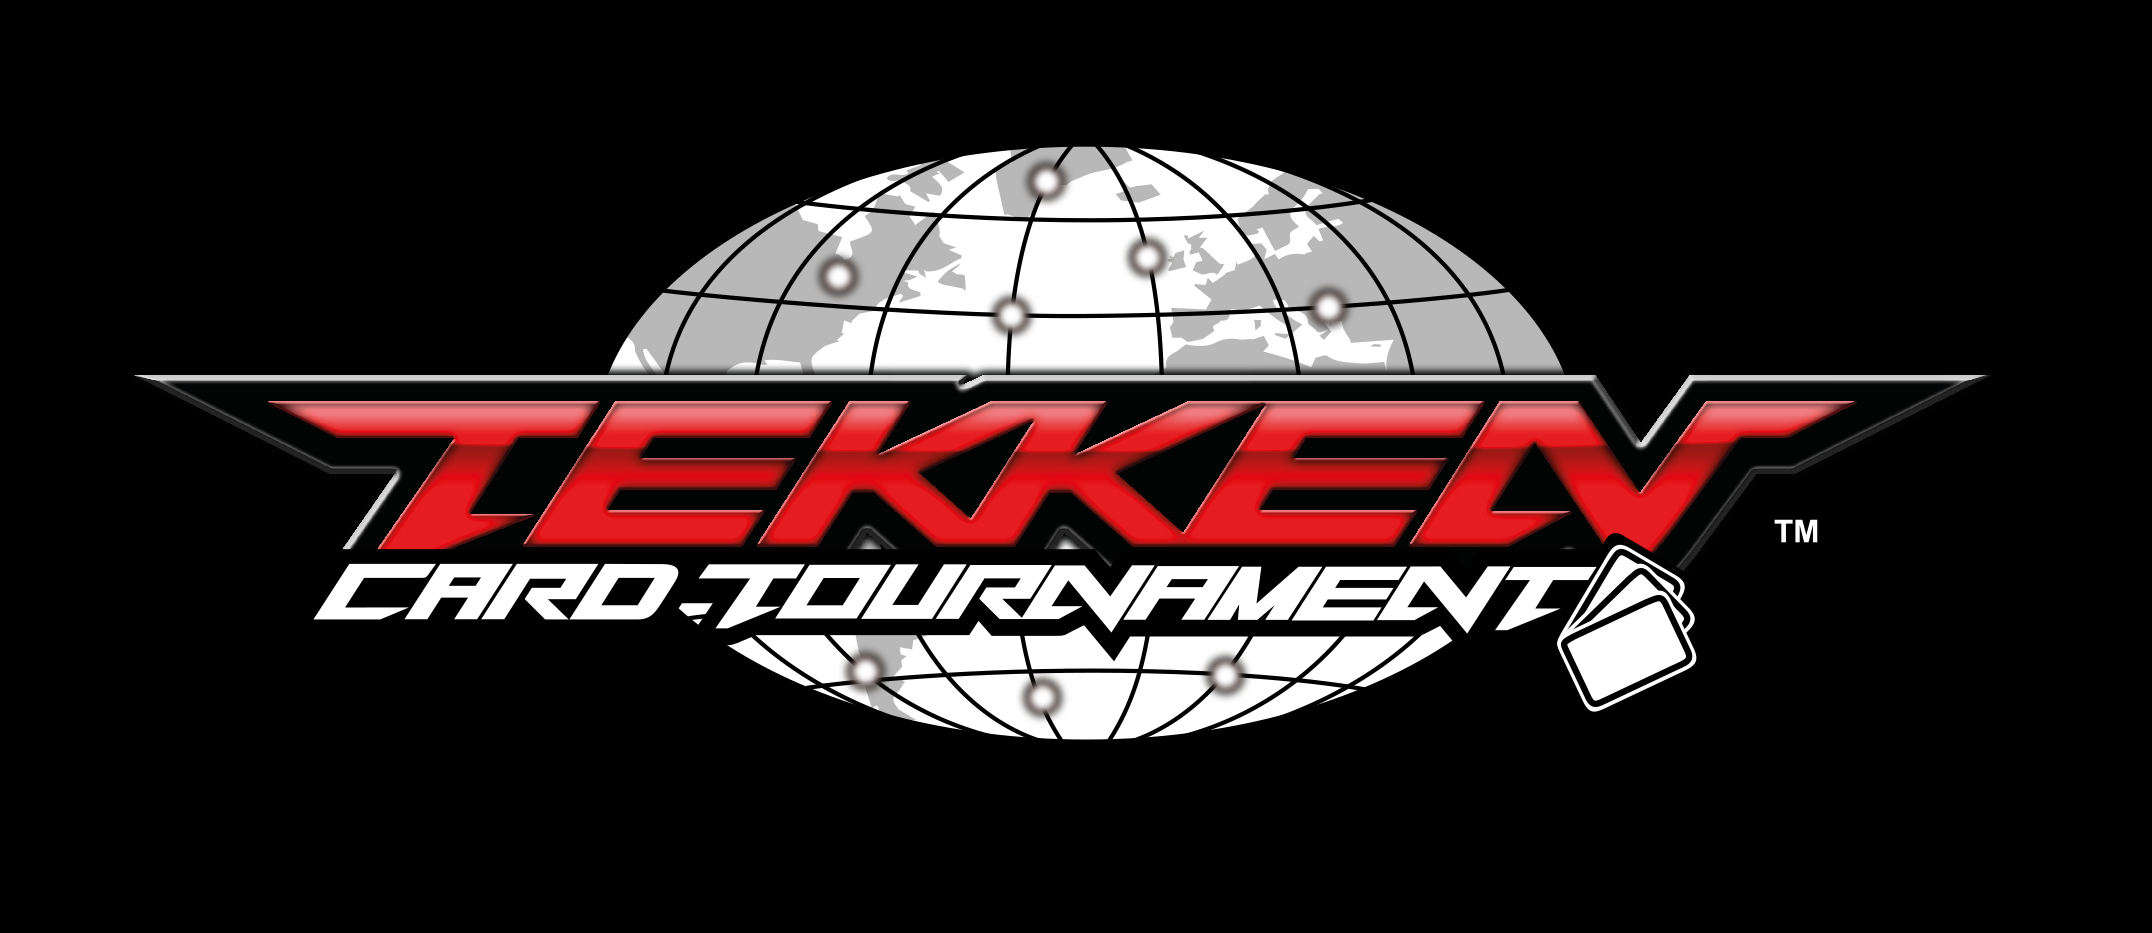 Tekken-Card-Tournament versione 3 punto 0 disponibile in download gratuito